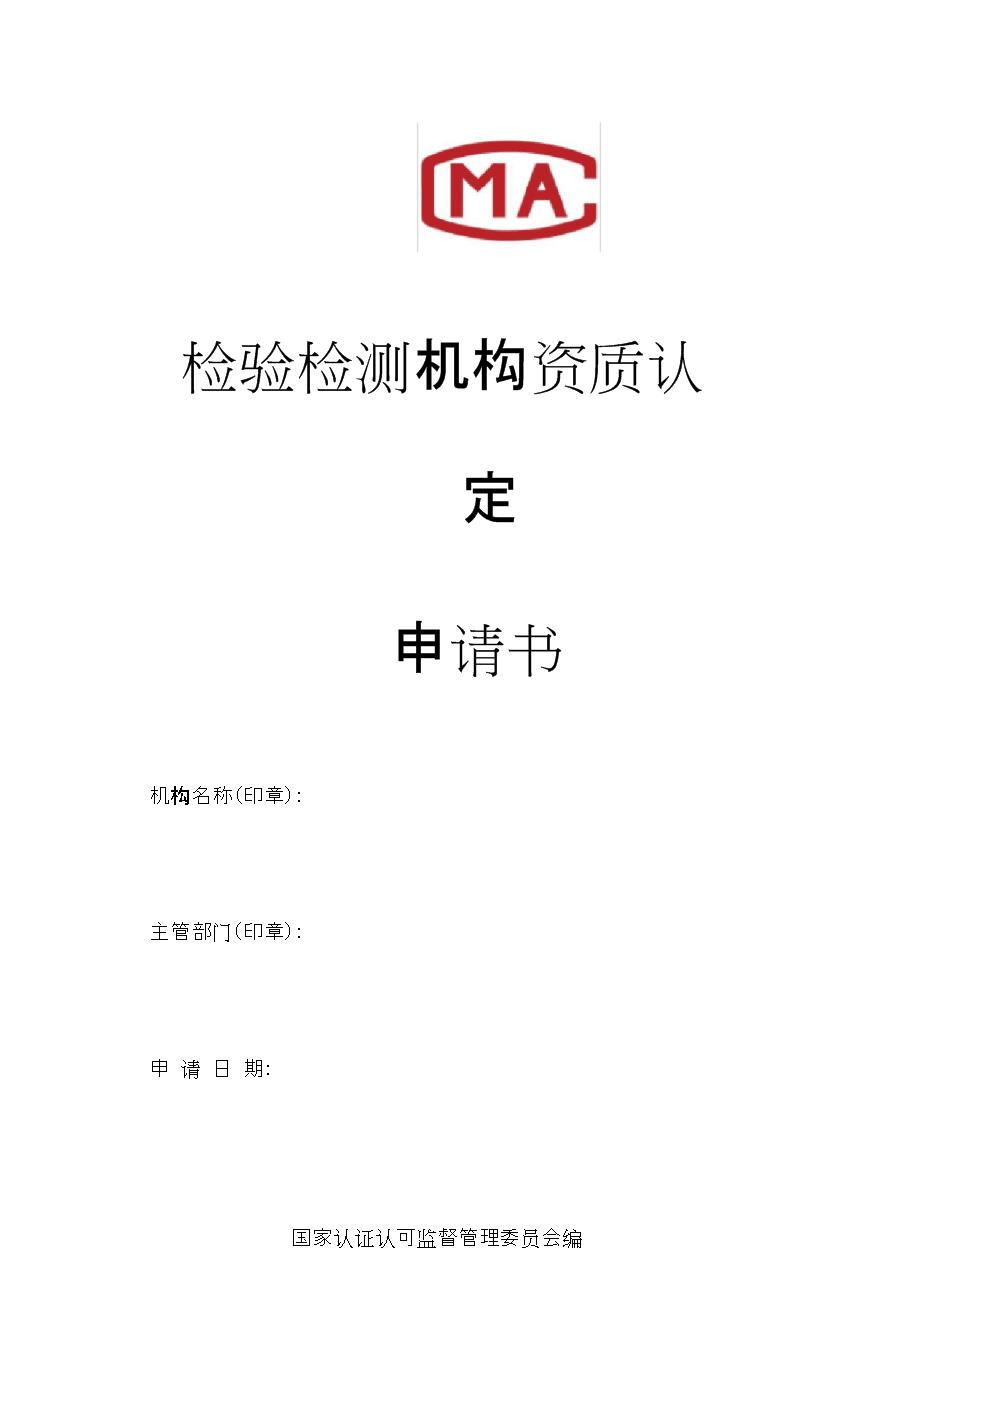 检验检测机构资质认定申请书1.docx